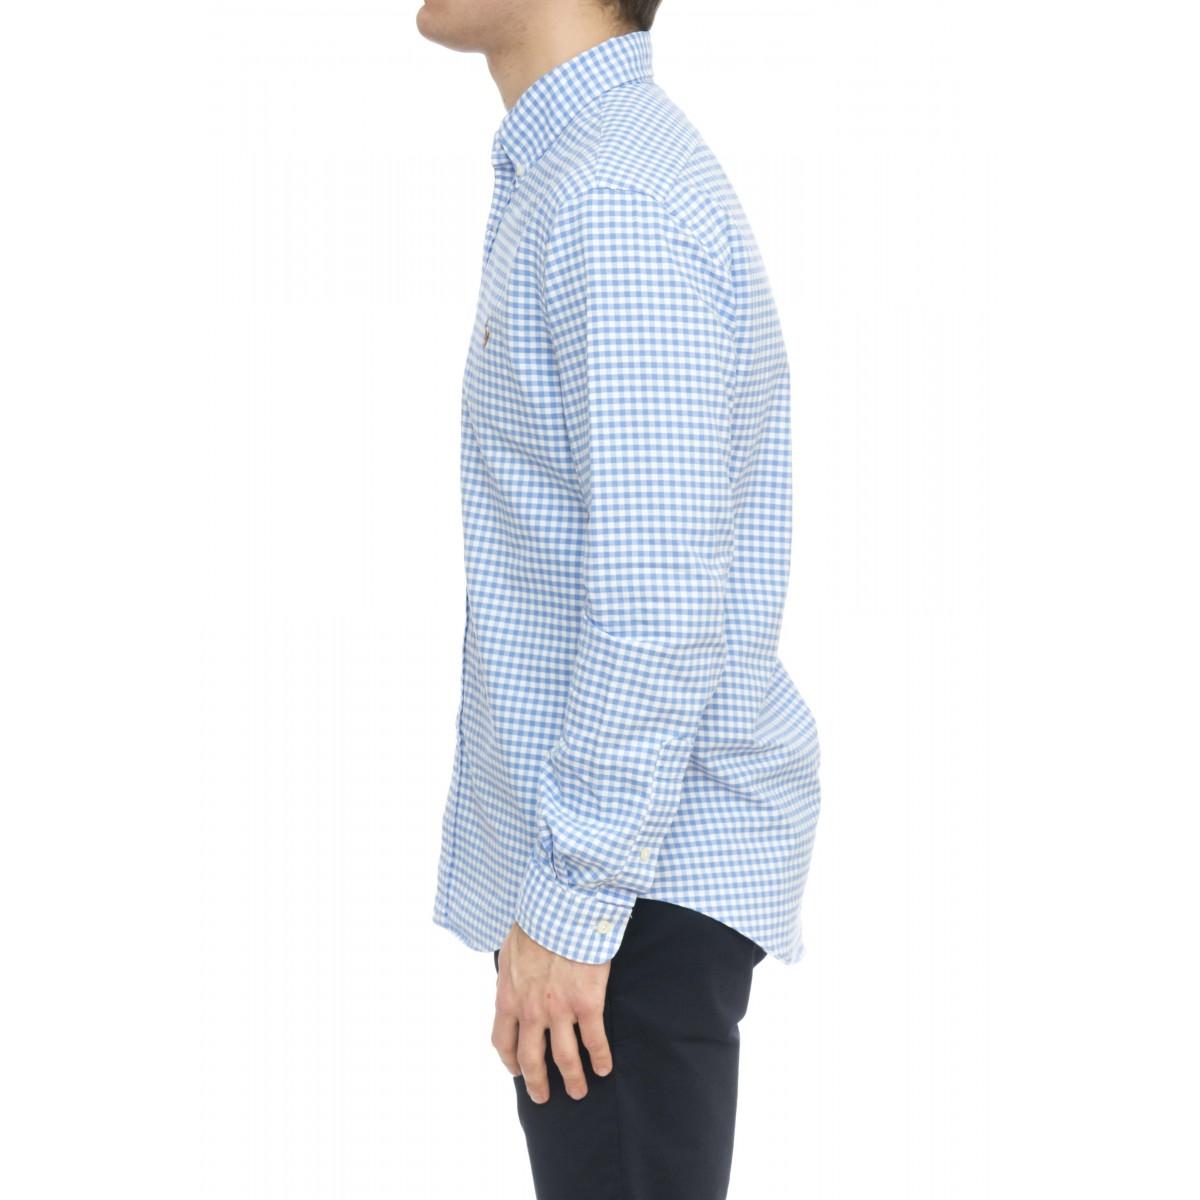 Camicia uomo - 744503 camicia quadro oxford slim